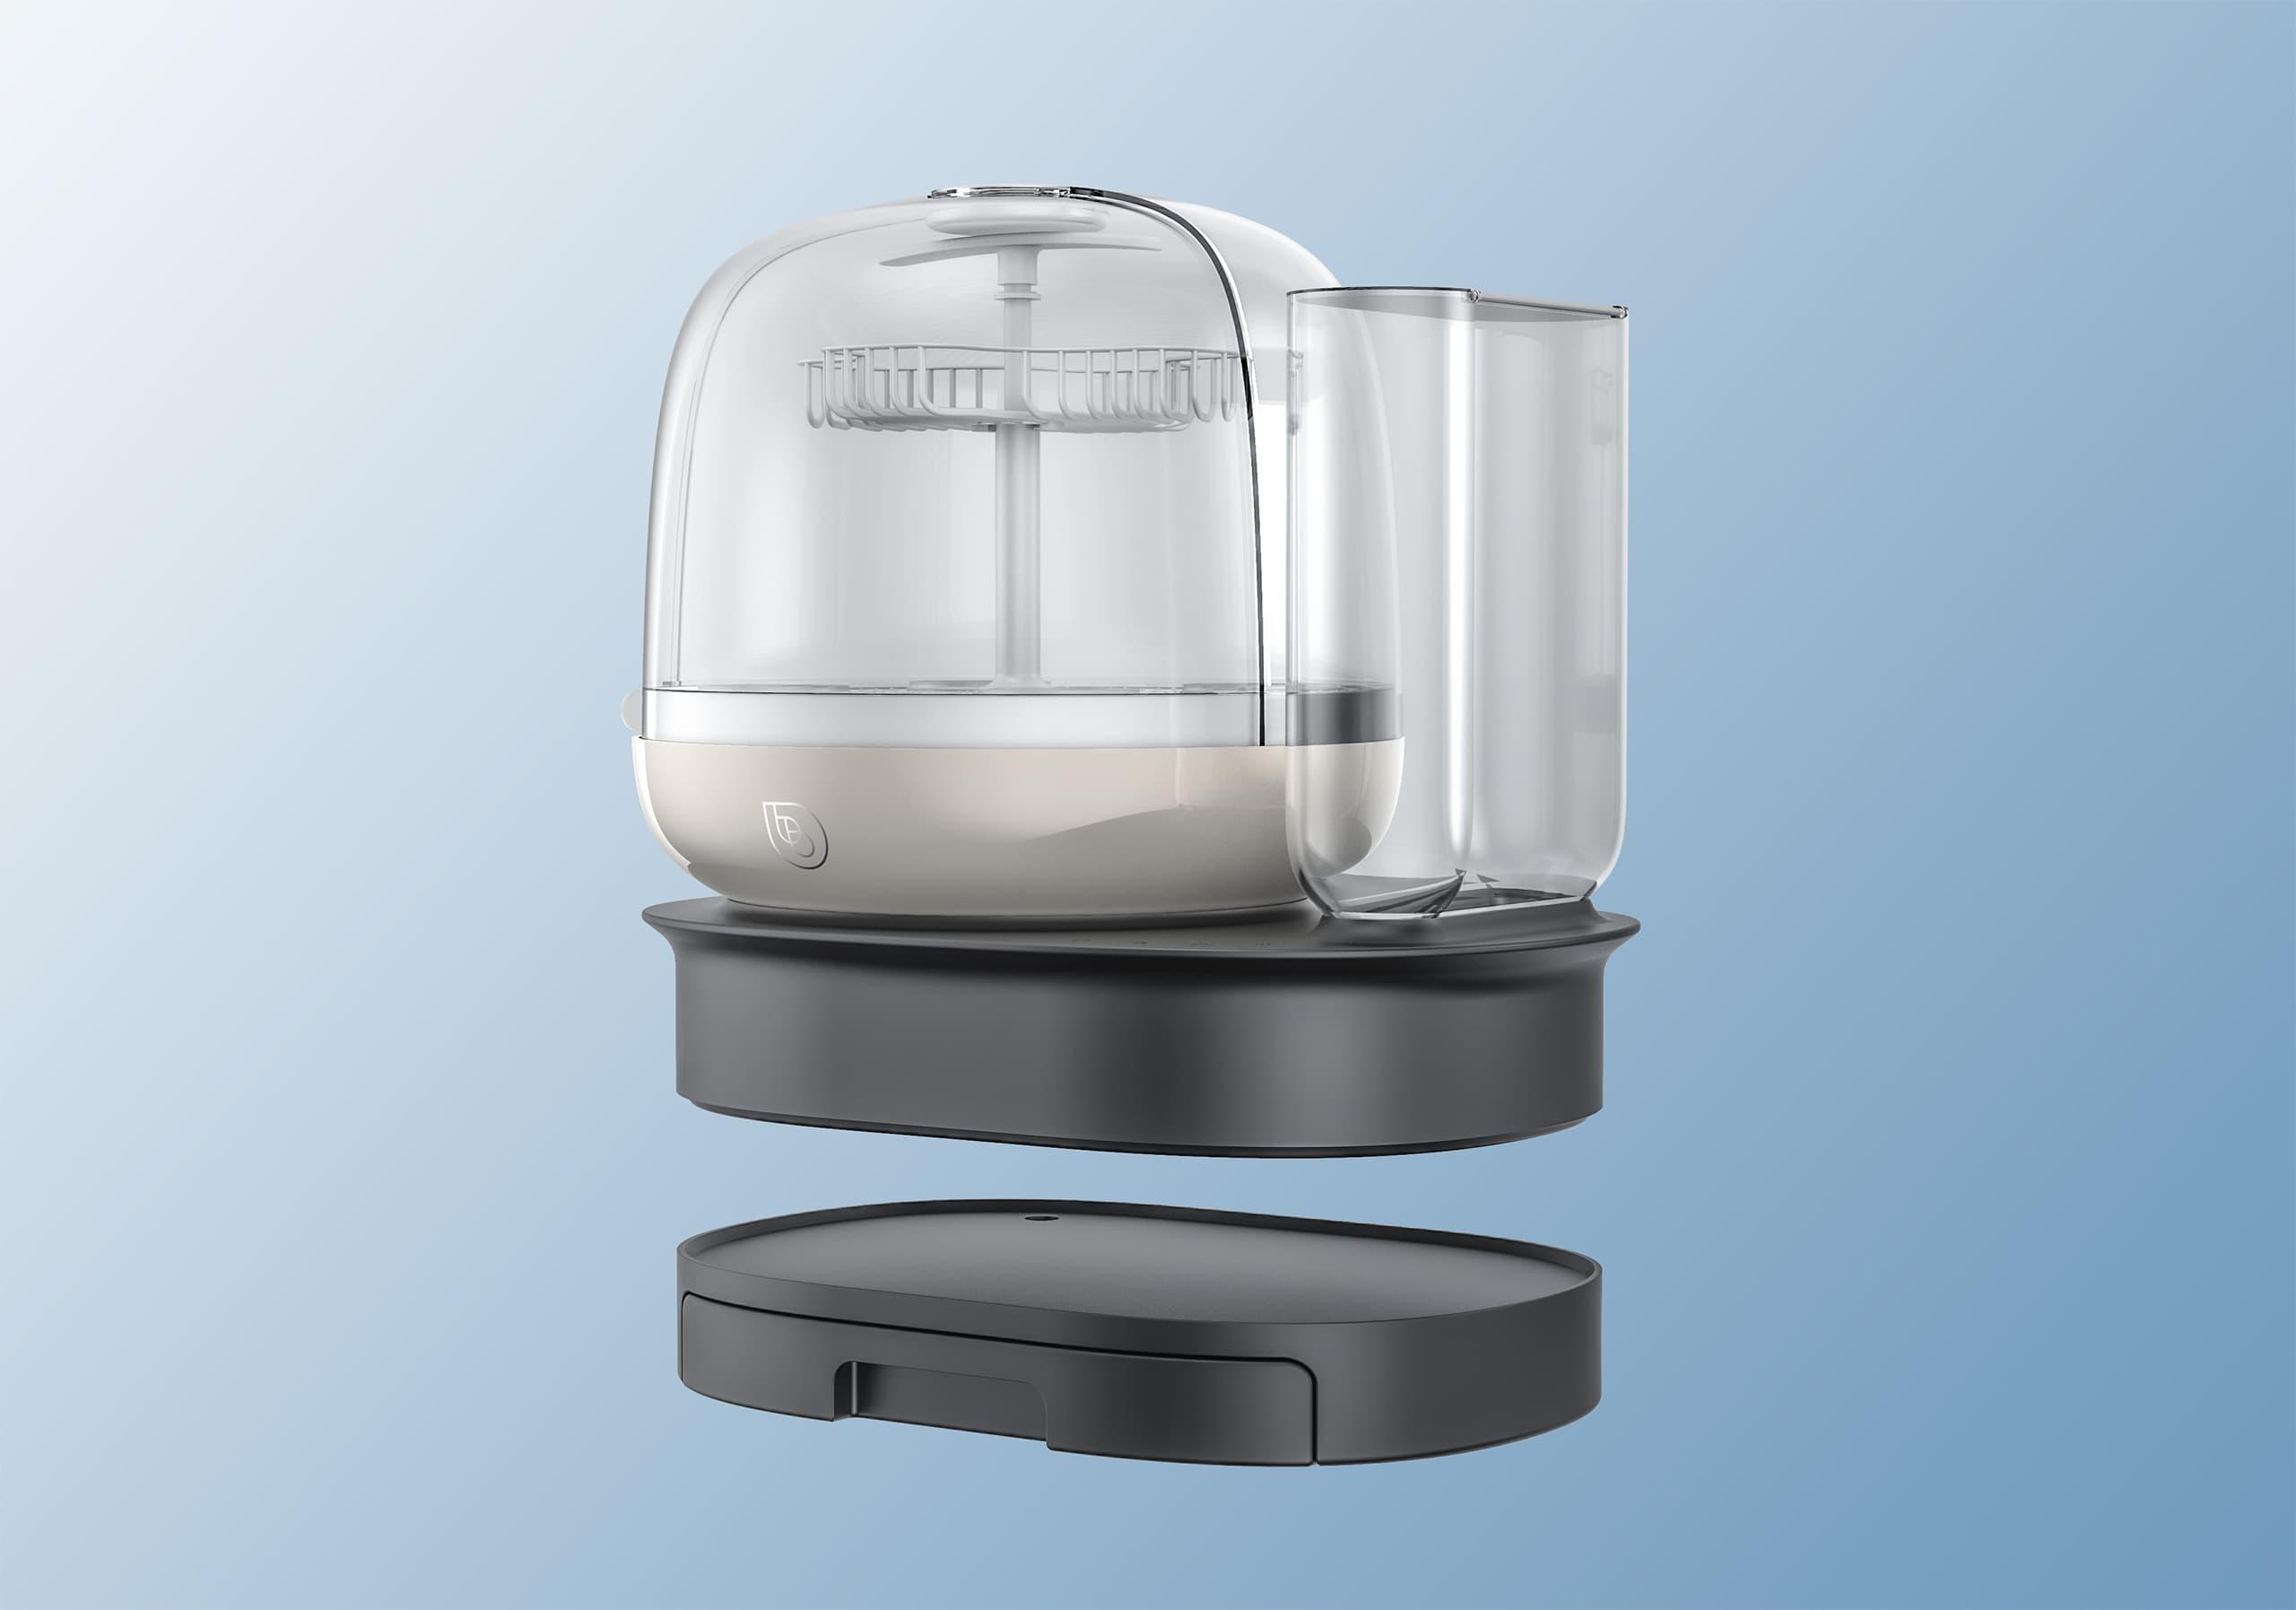 STUCK_BottleBath_Waste_Water_Tank